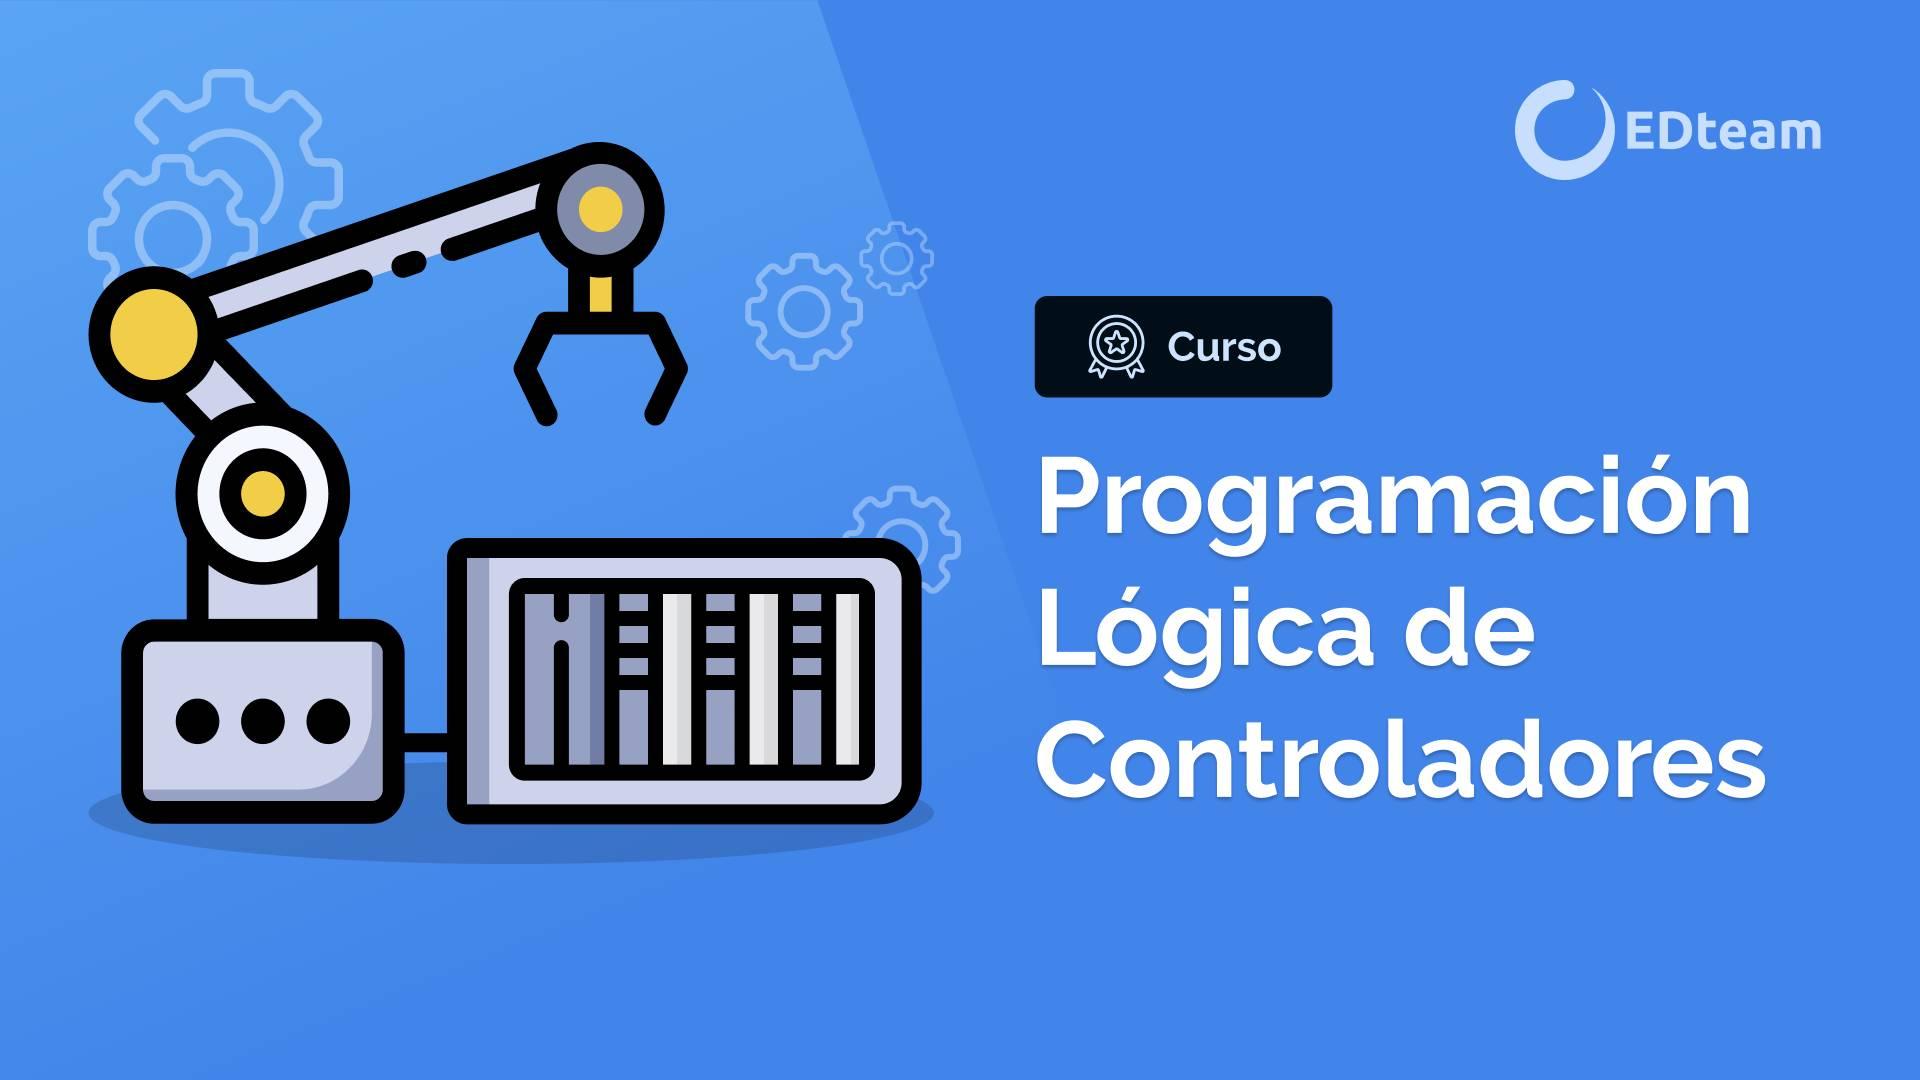 Programación Lógica de Controladores (PLC)